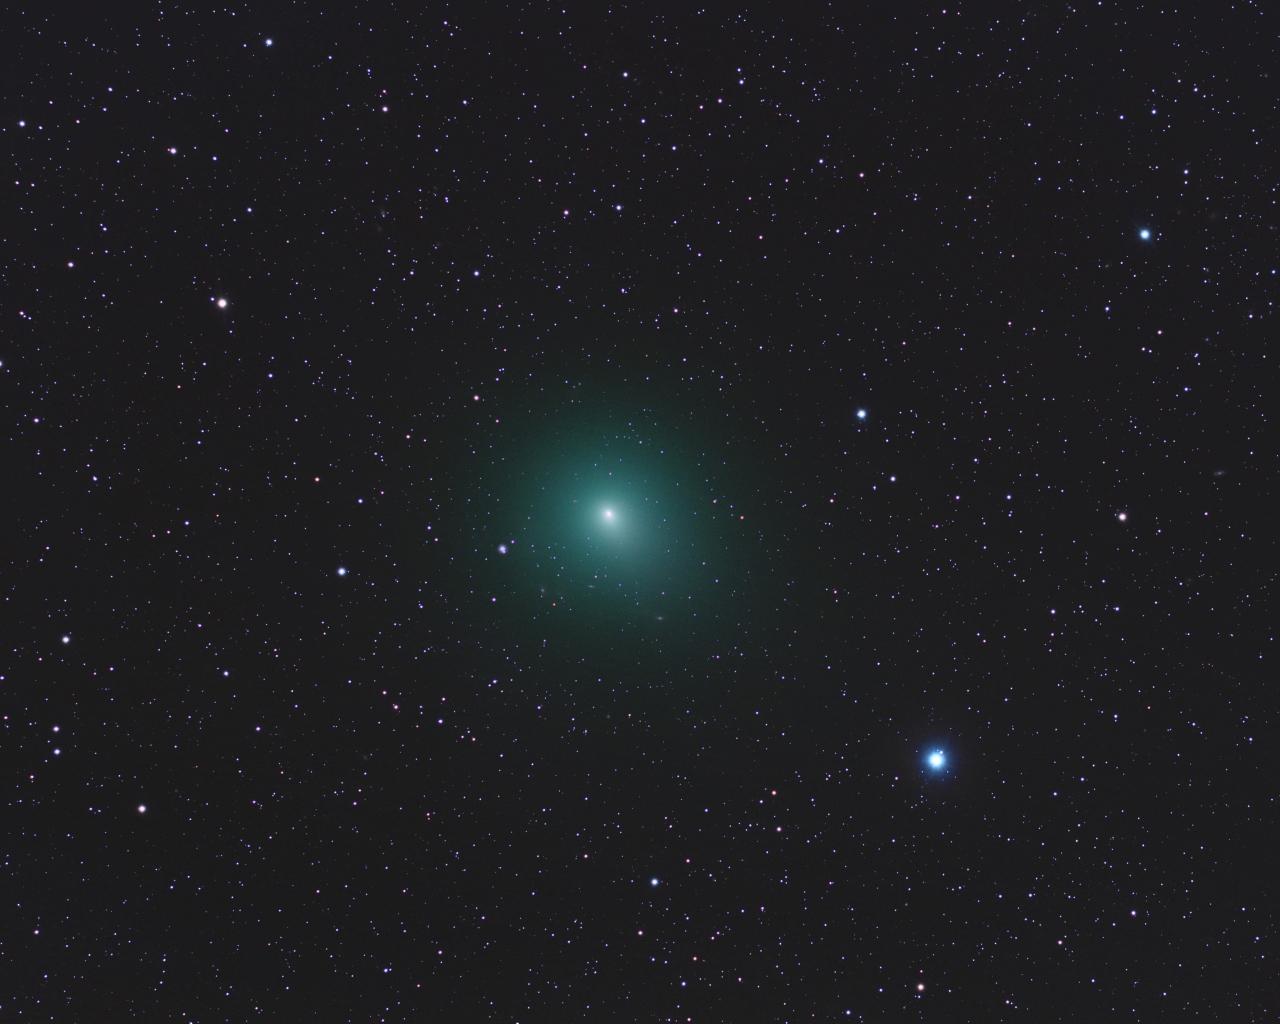 Astros en el espacio - 1280x1024